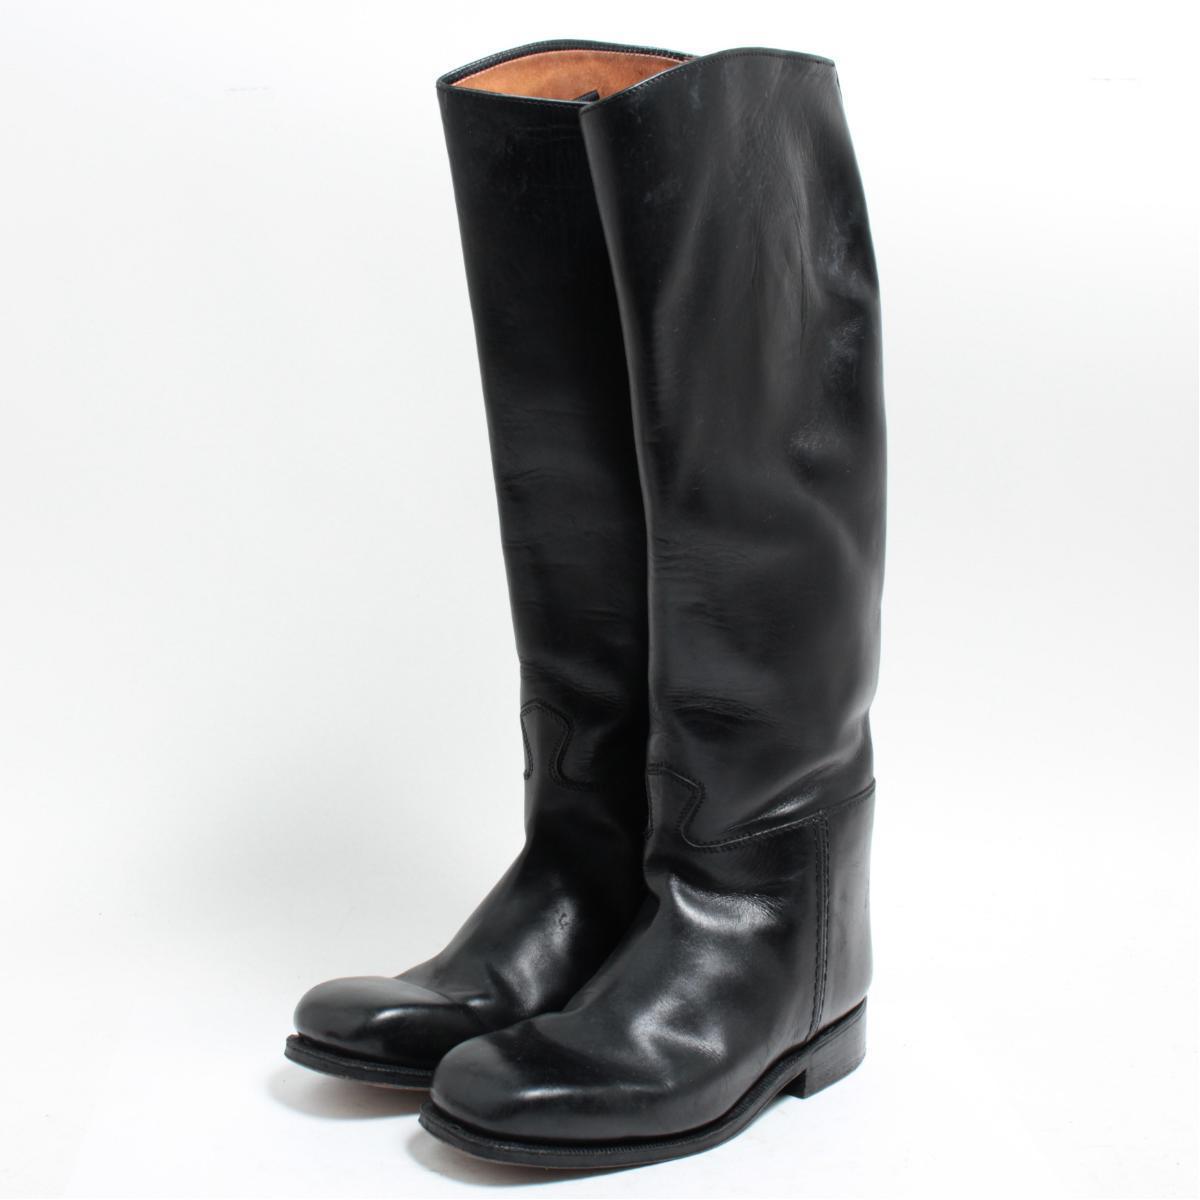 本革レザー ジョッキー乗馬ブーツ 6 レディース24.0cm /boj8309 【中古】 【171210】